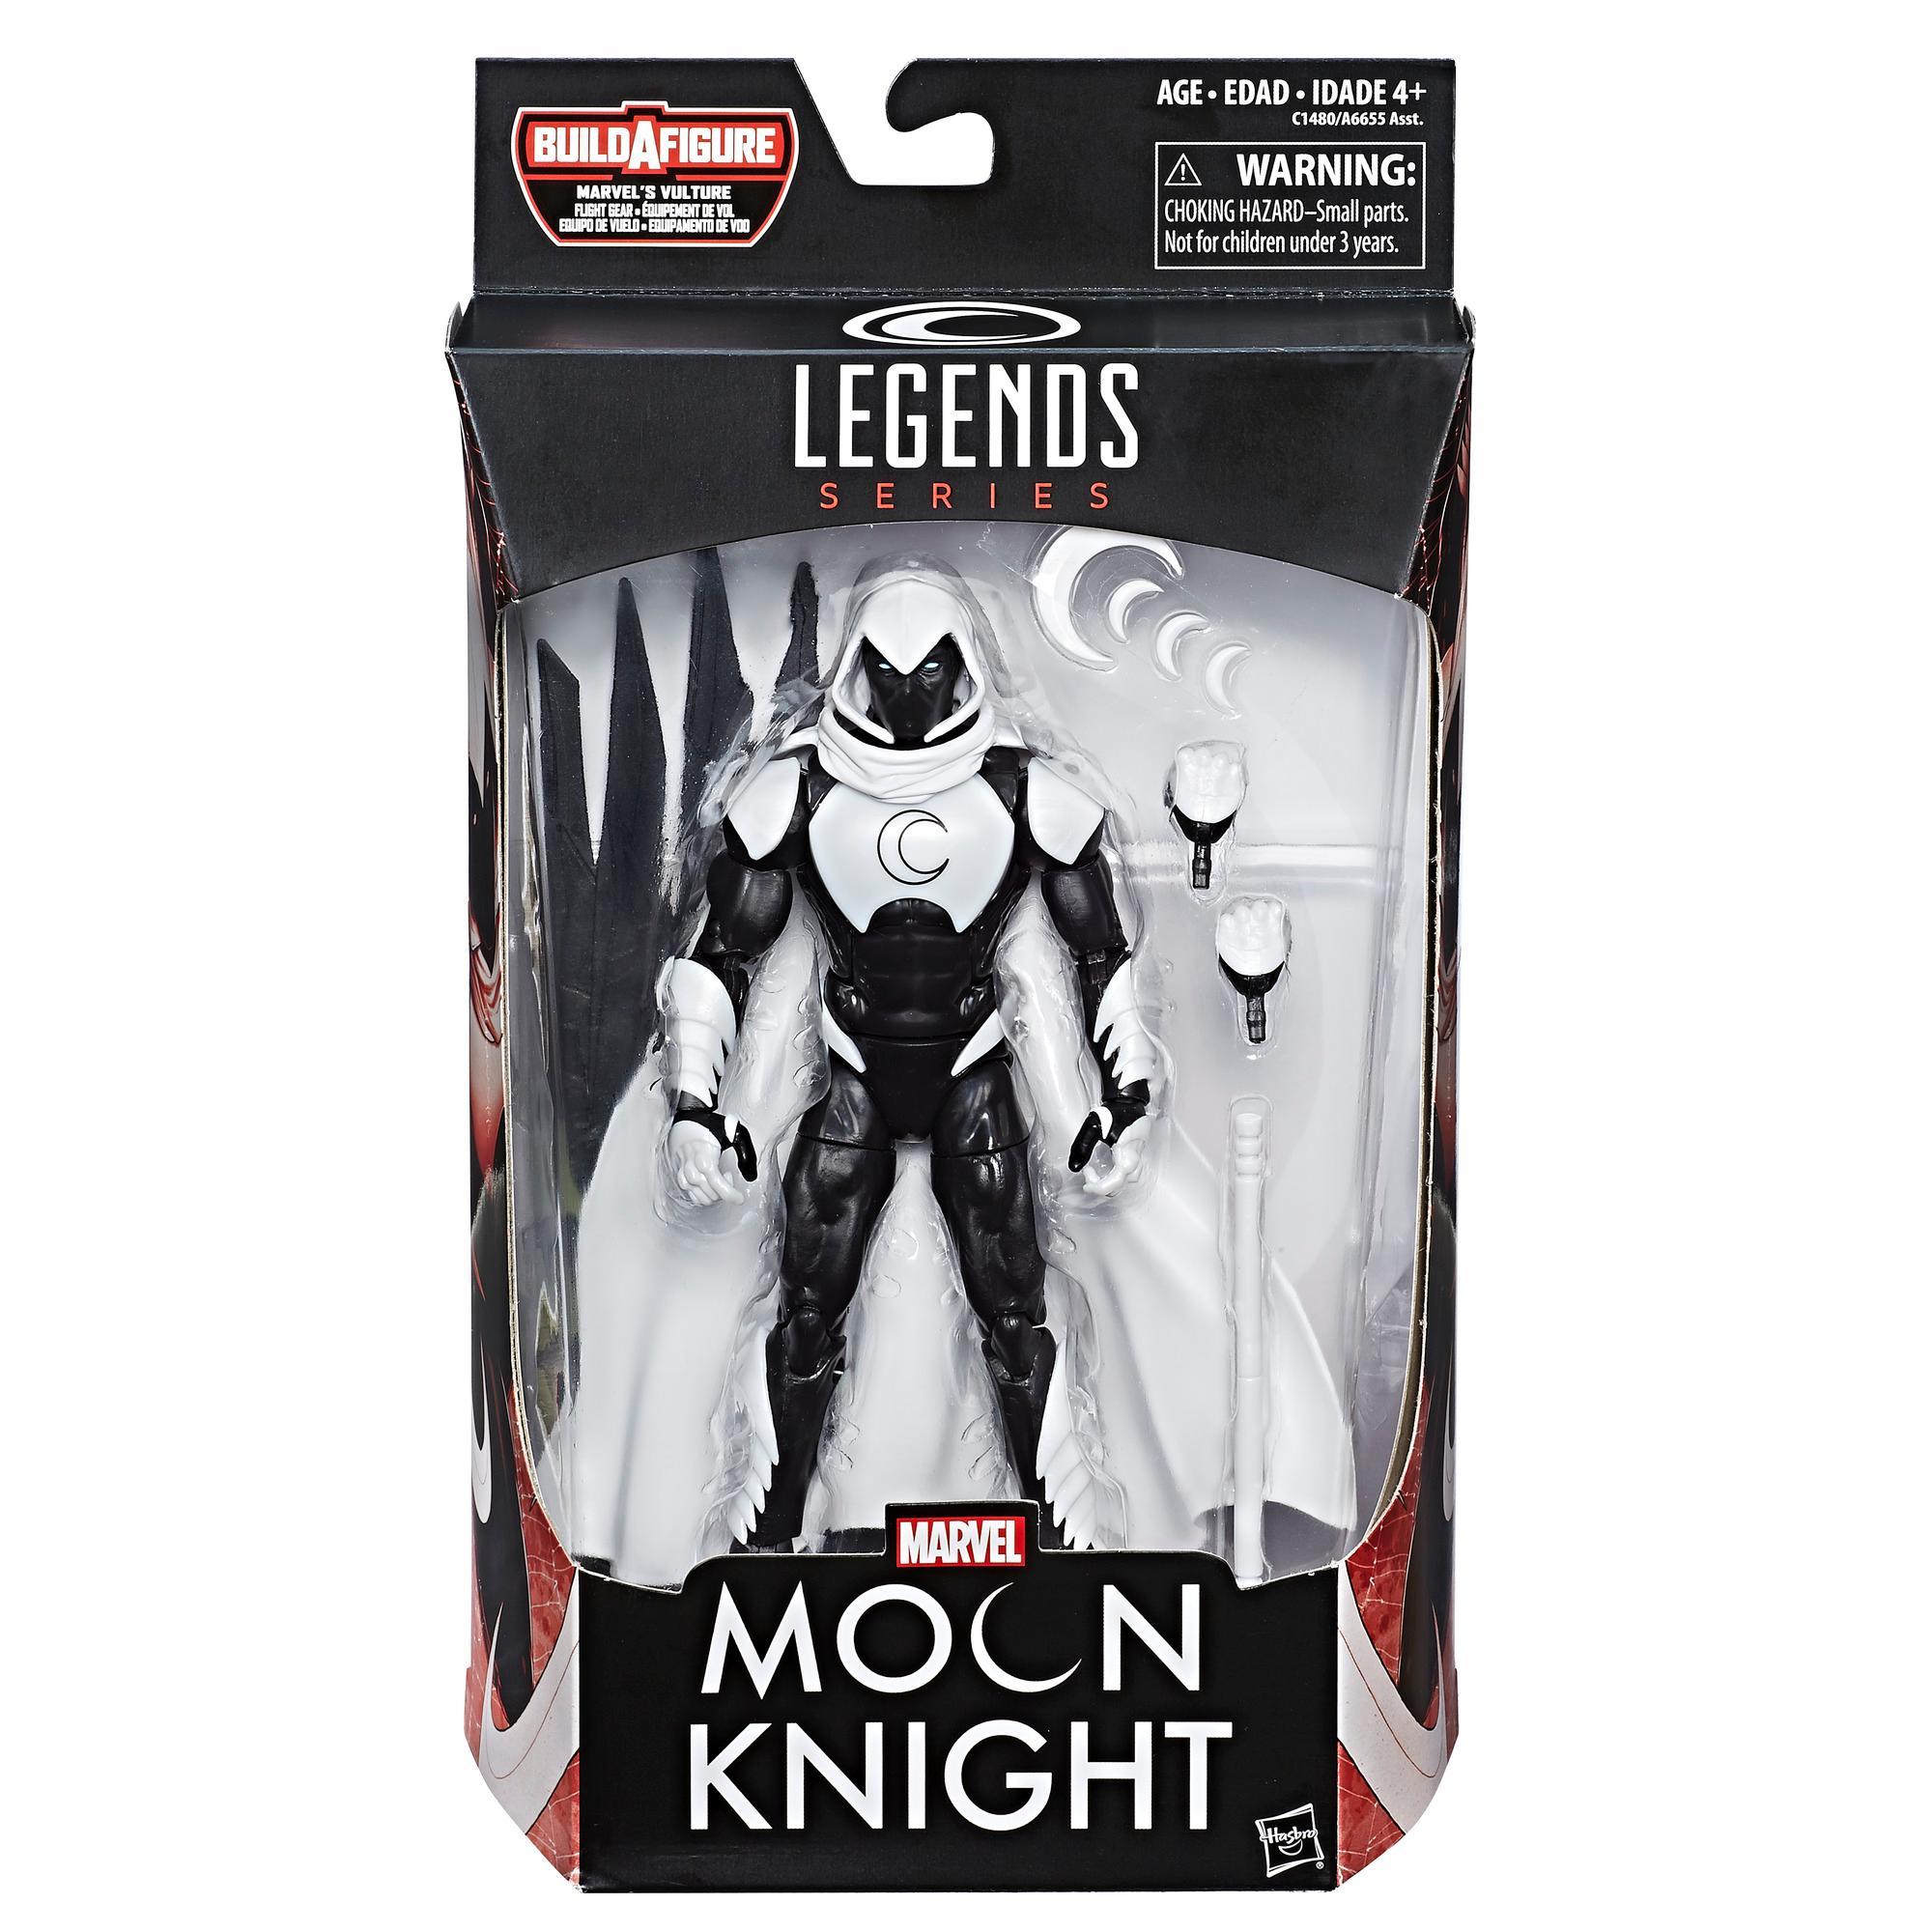 Marvel Spider-Man 6-inch Legends Series Marvel's Moon Knight